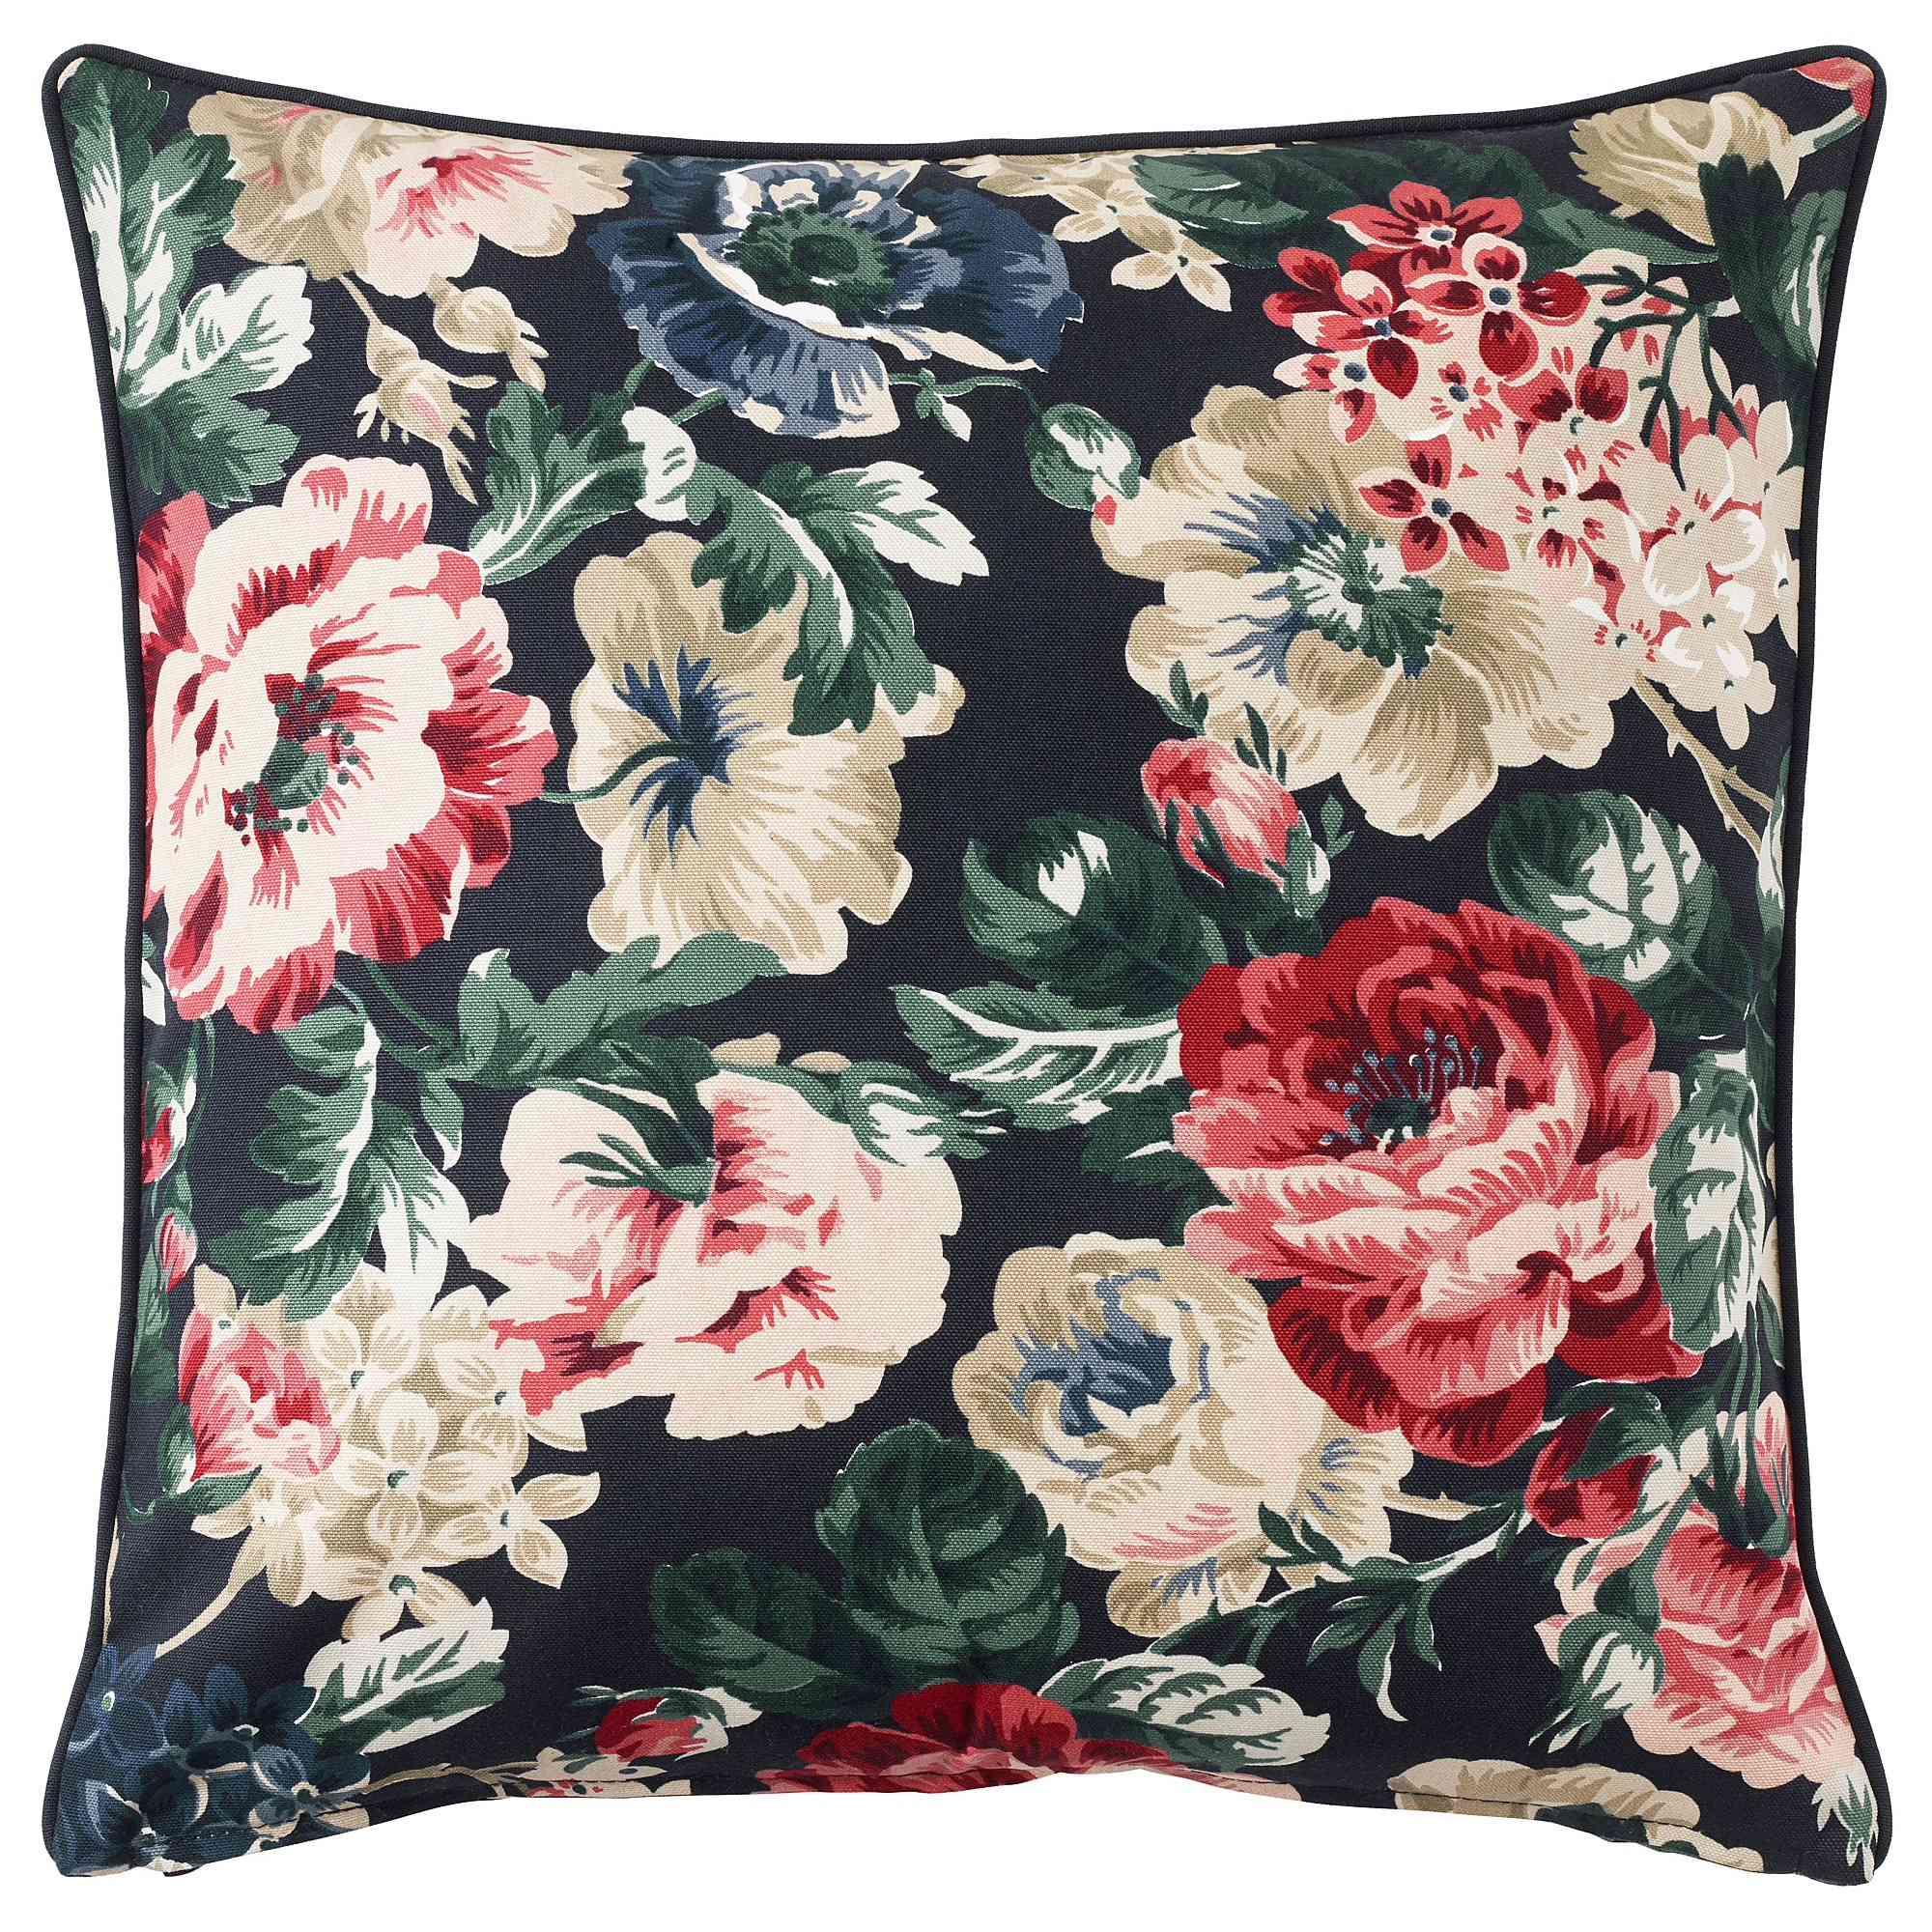 Leikny Cushion Cover